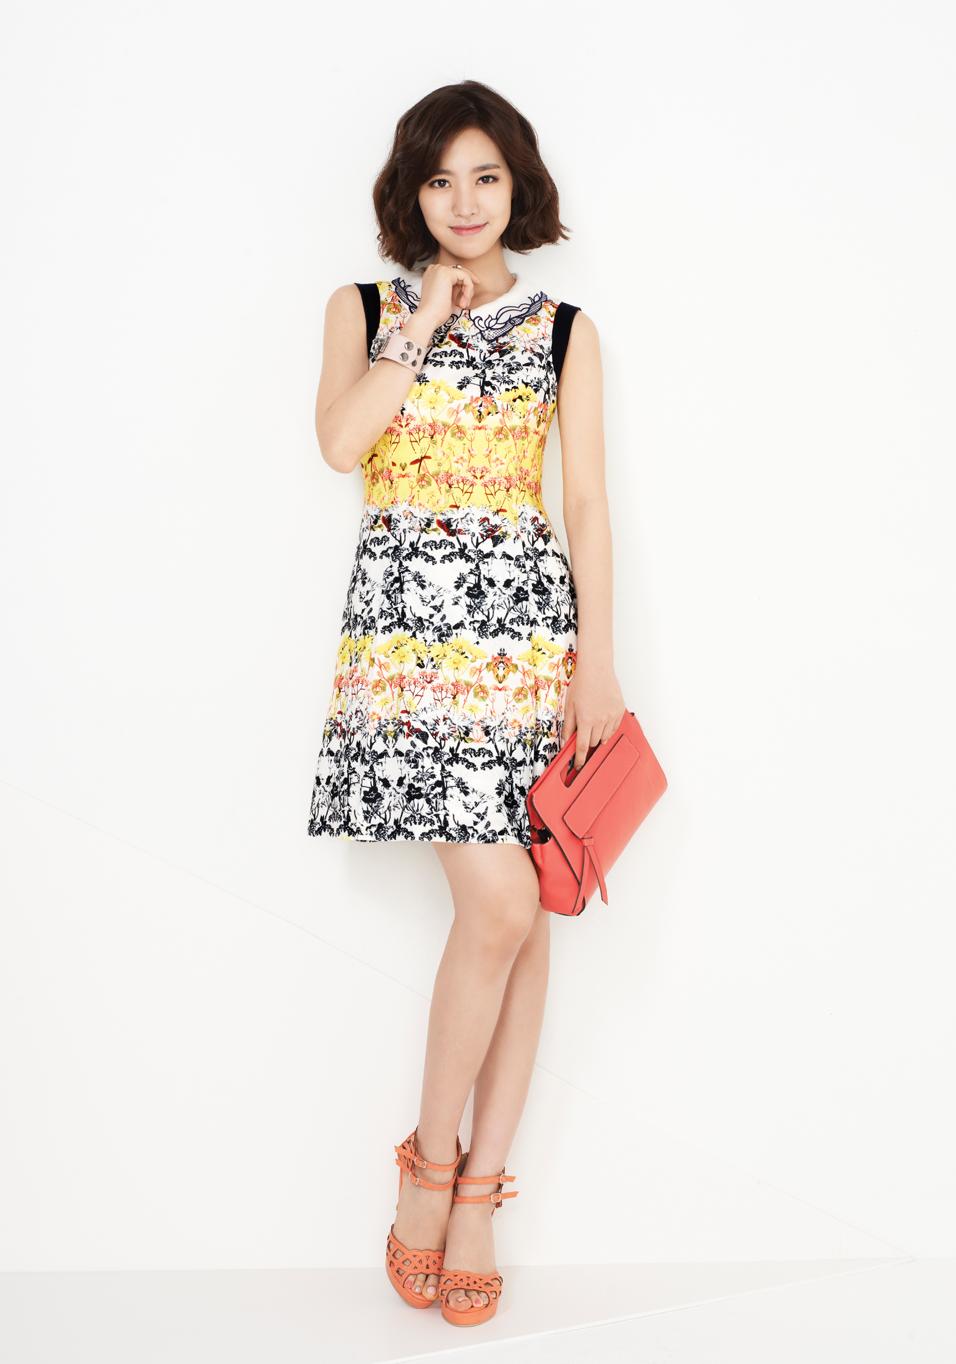 Moda coreana nuevos modelos de ropa para chicas en este Modelos de locales de ropa